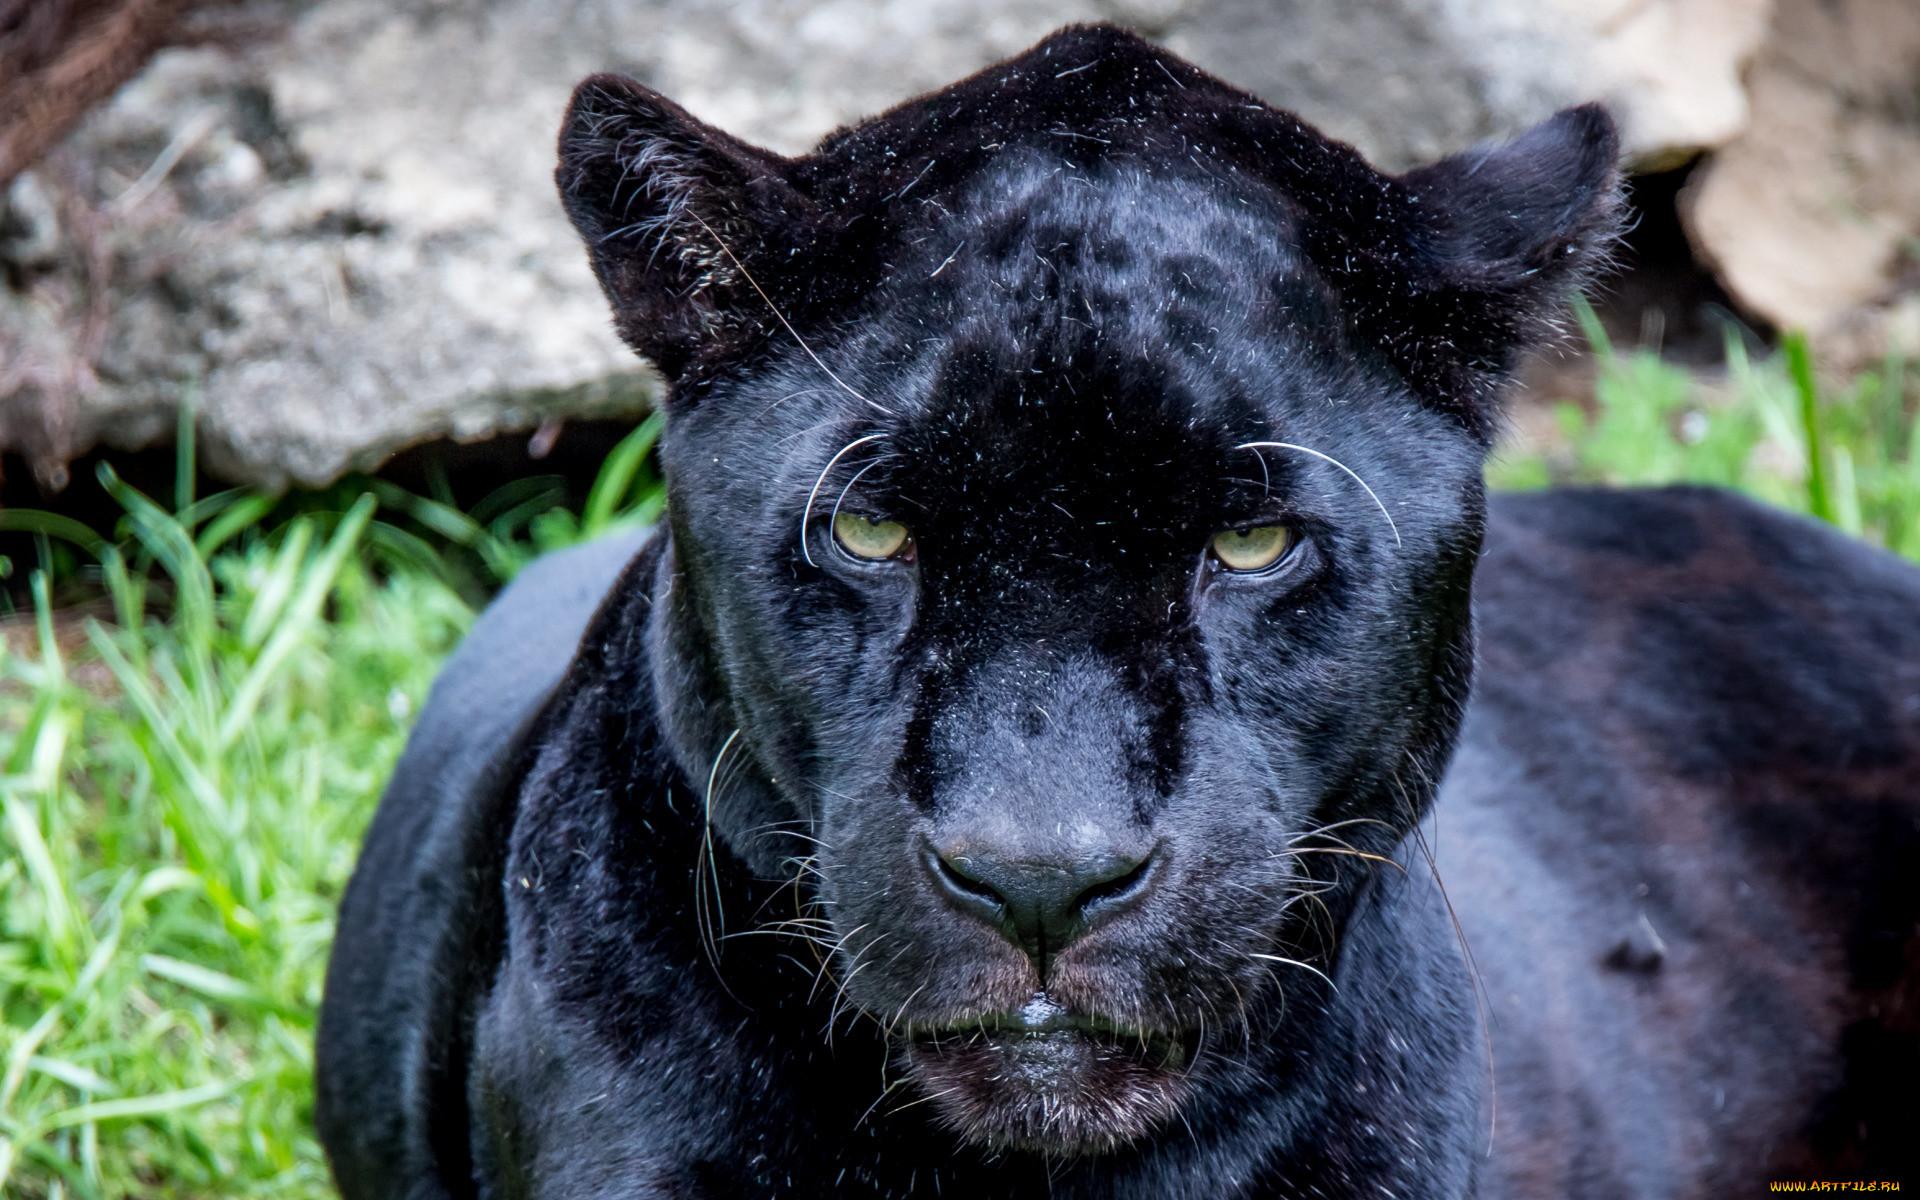 Черный ягуар животное фото и описание